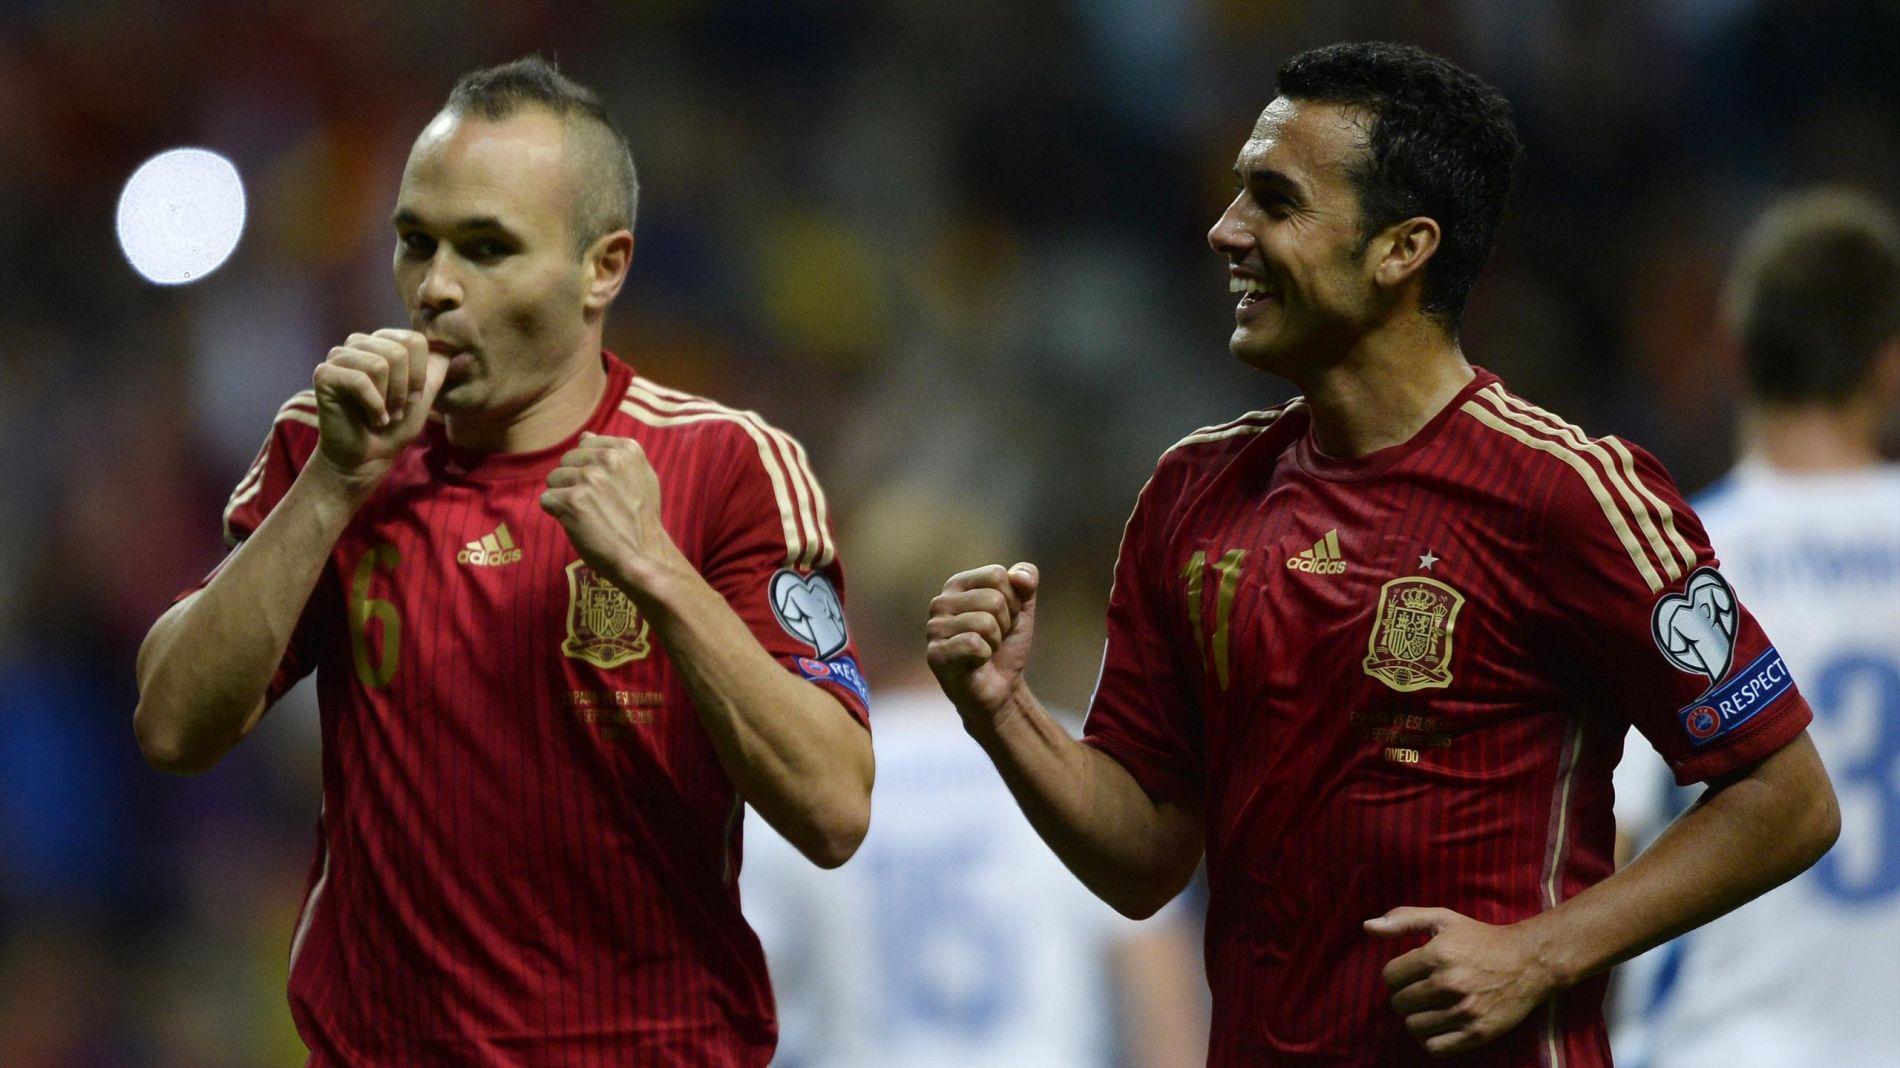 L'Espagne, favorite malgré tout